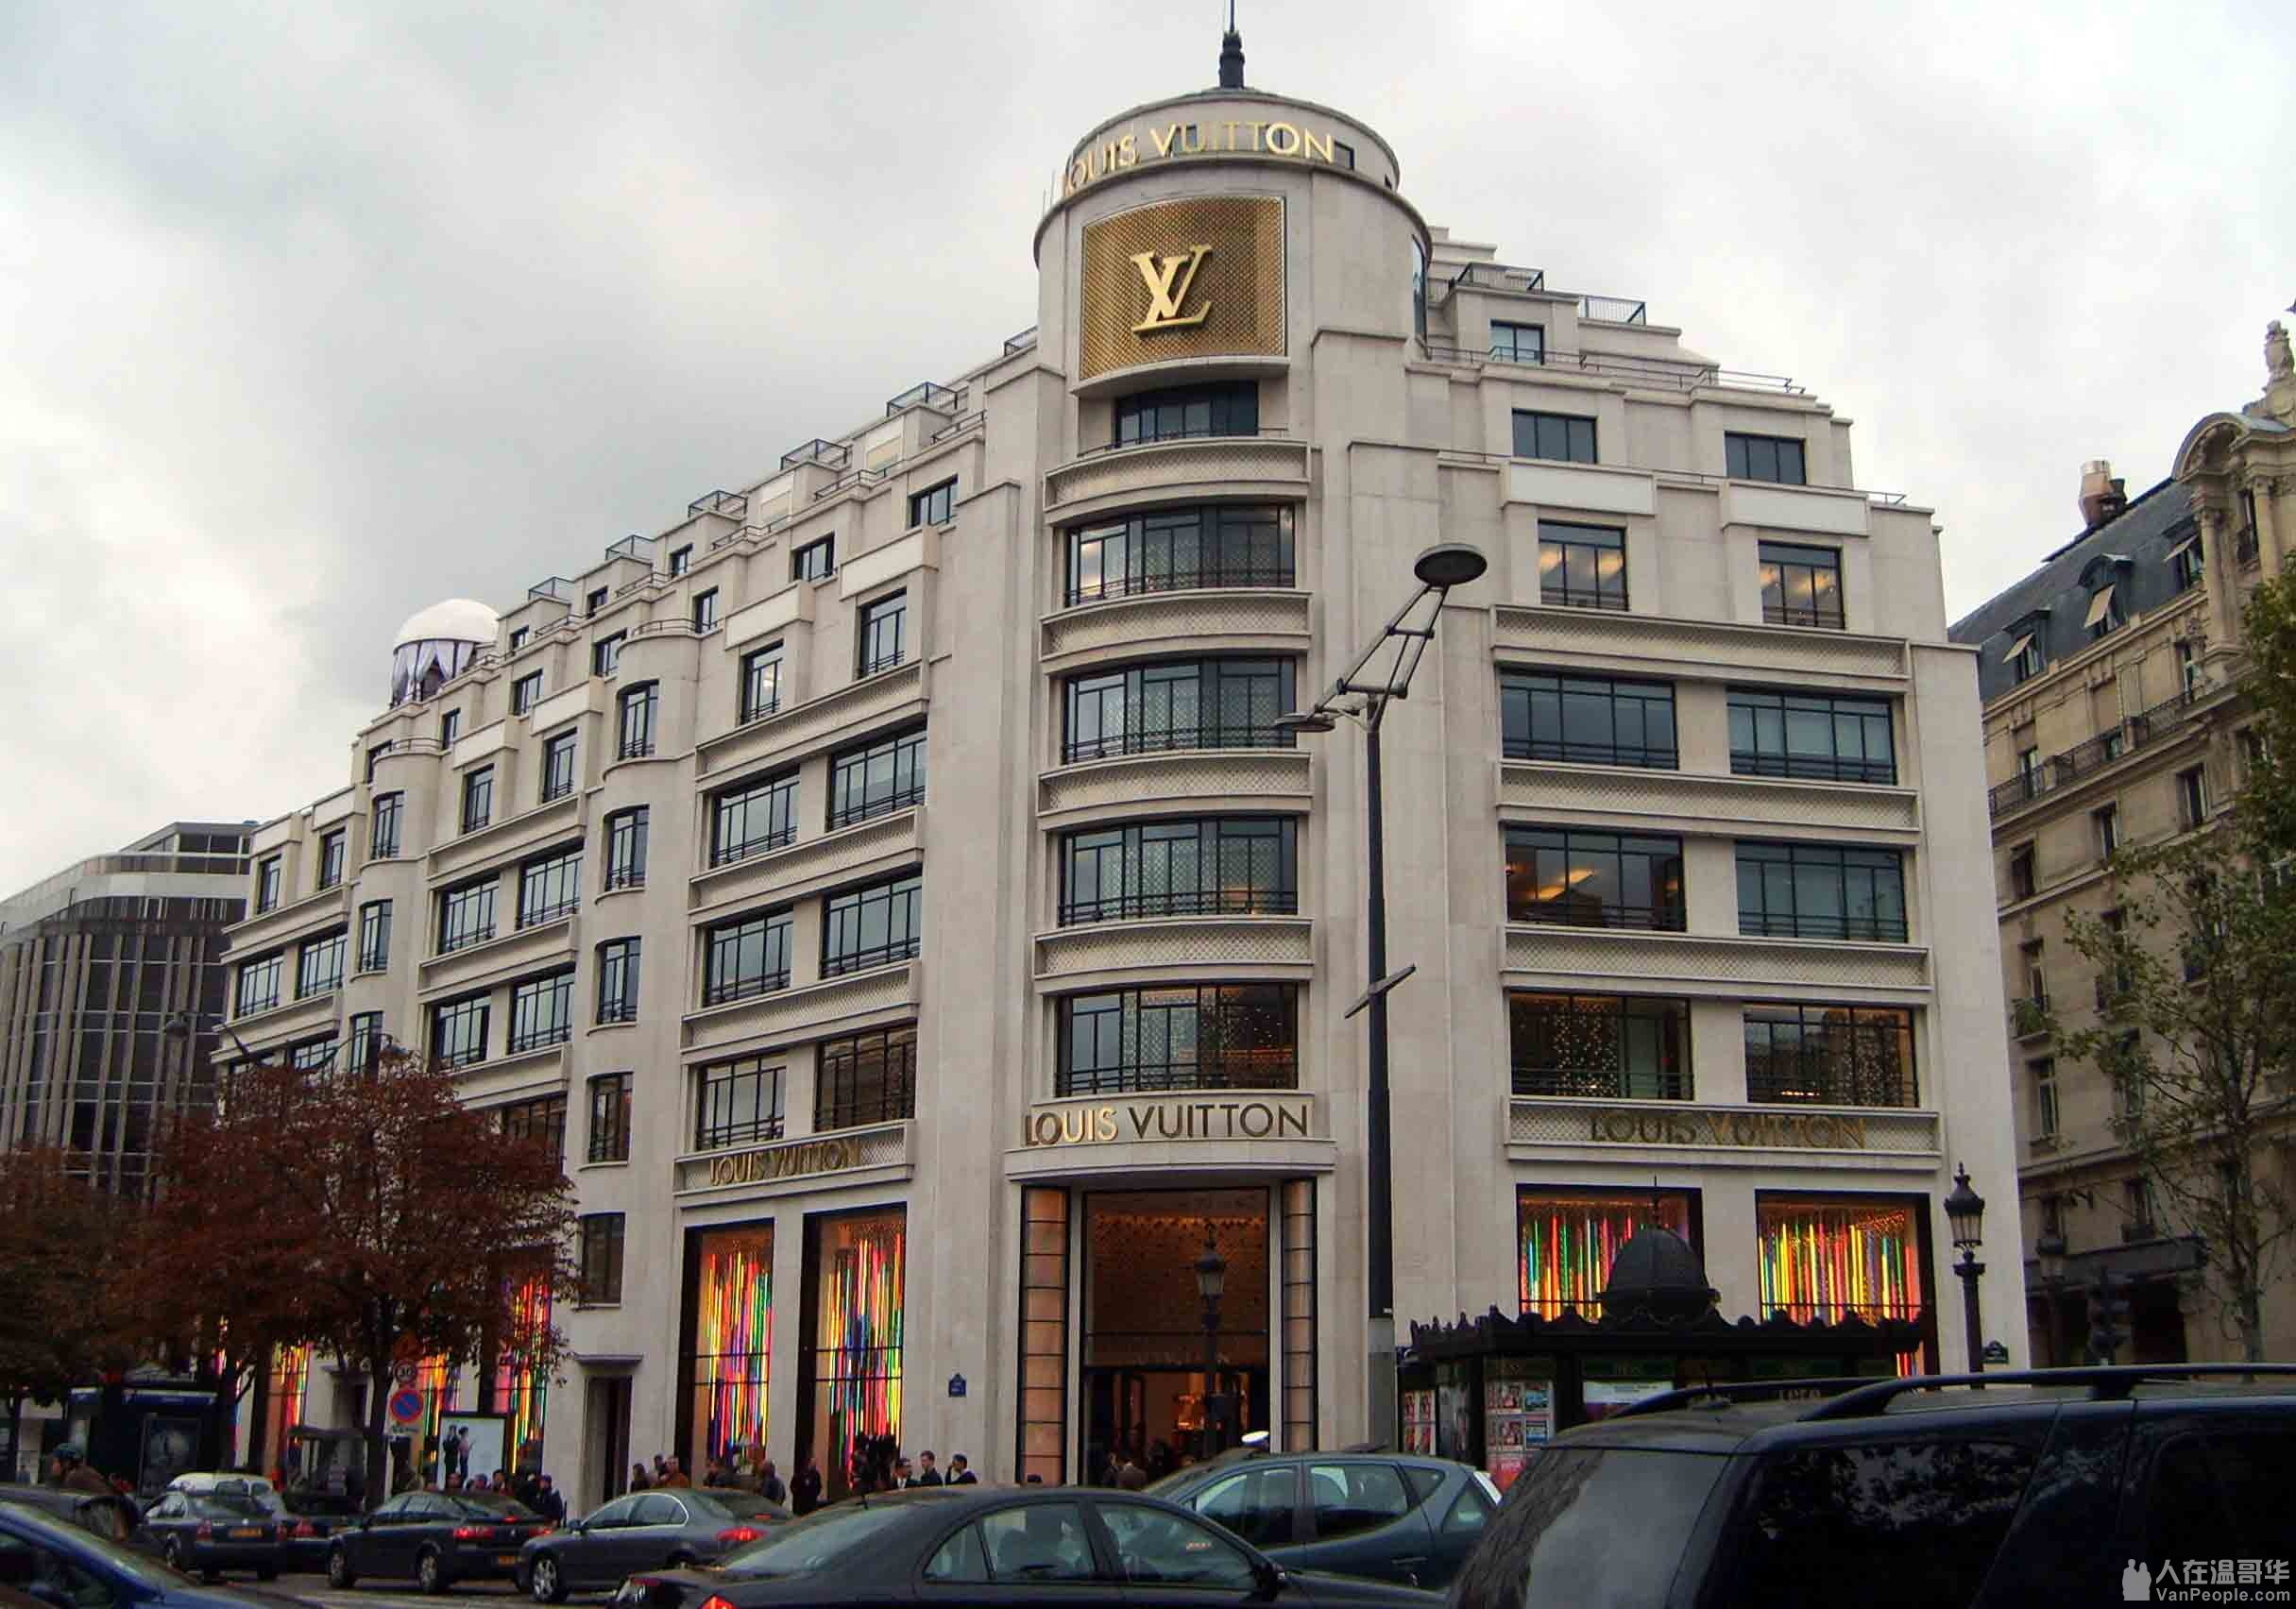 ac80af4330 Během první světové války otevírá značka L. Vuitton další obchody